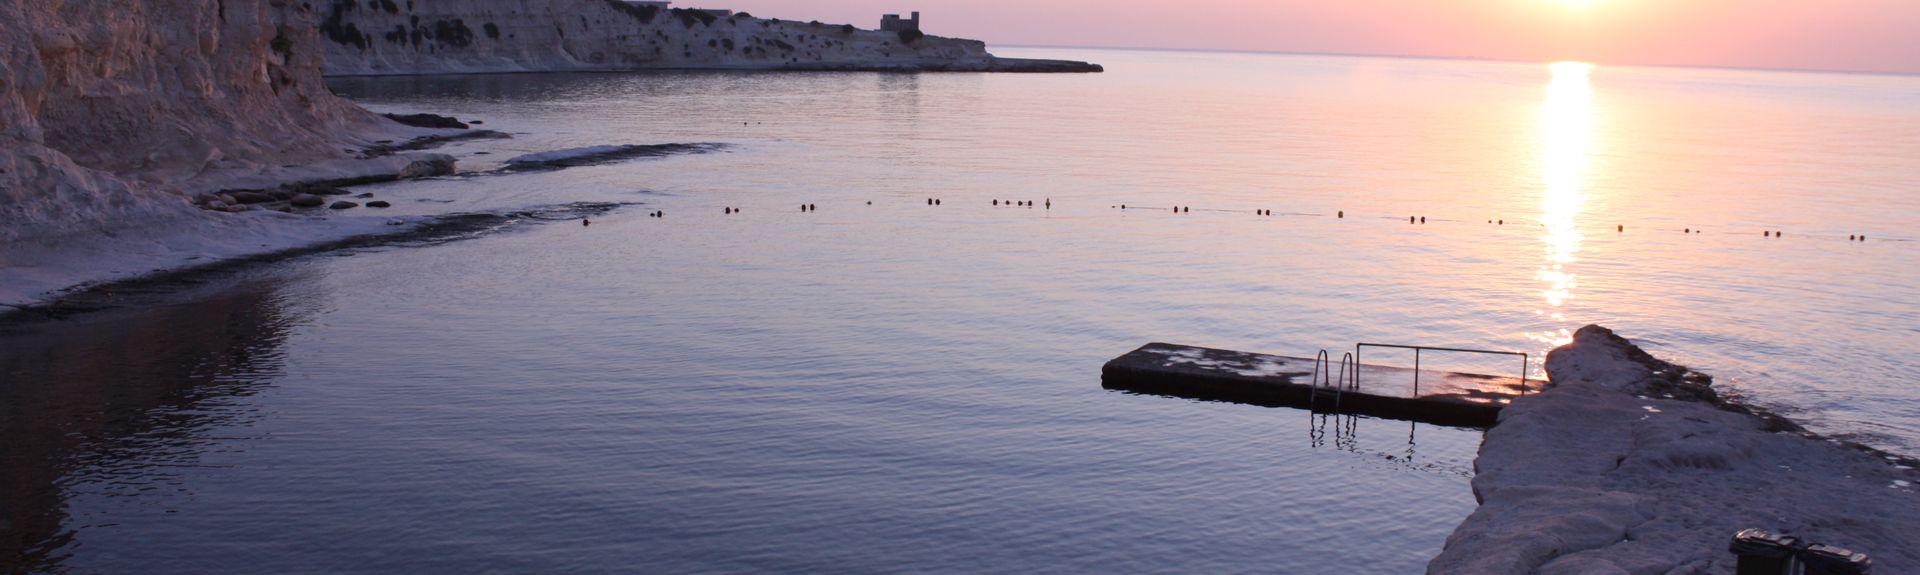 Σαν Τούμας, Marsaskala, Μάλτα